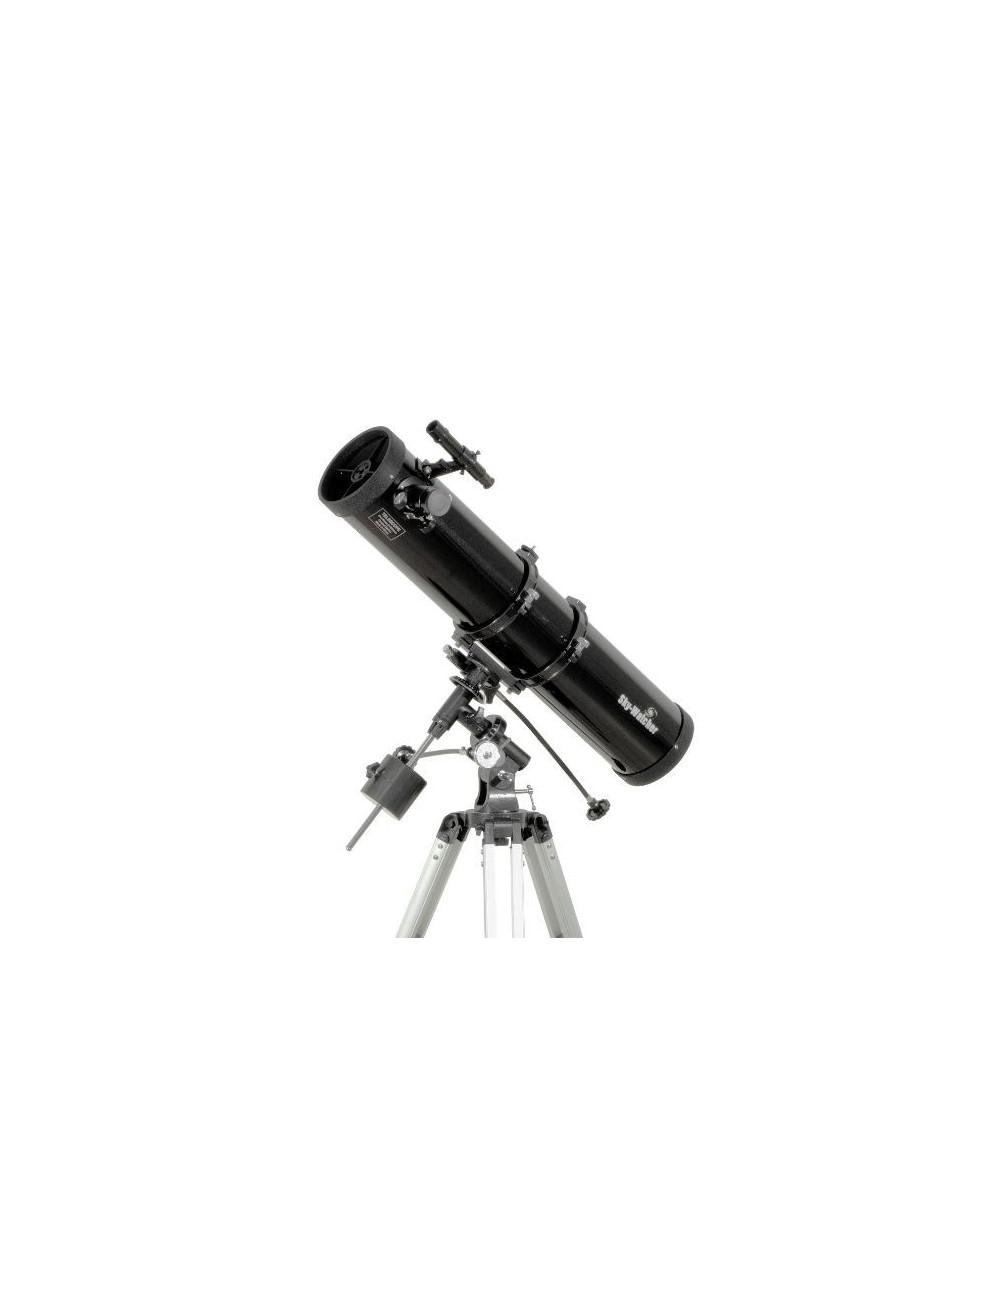 Télescope Sky-Watcher 130/900 sur EQ2 motorisée en AD